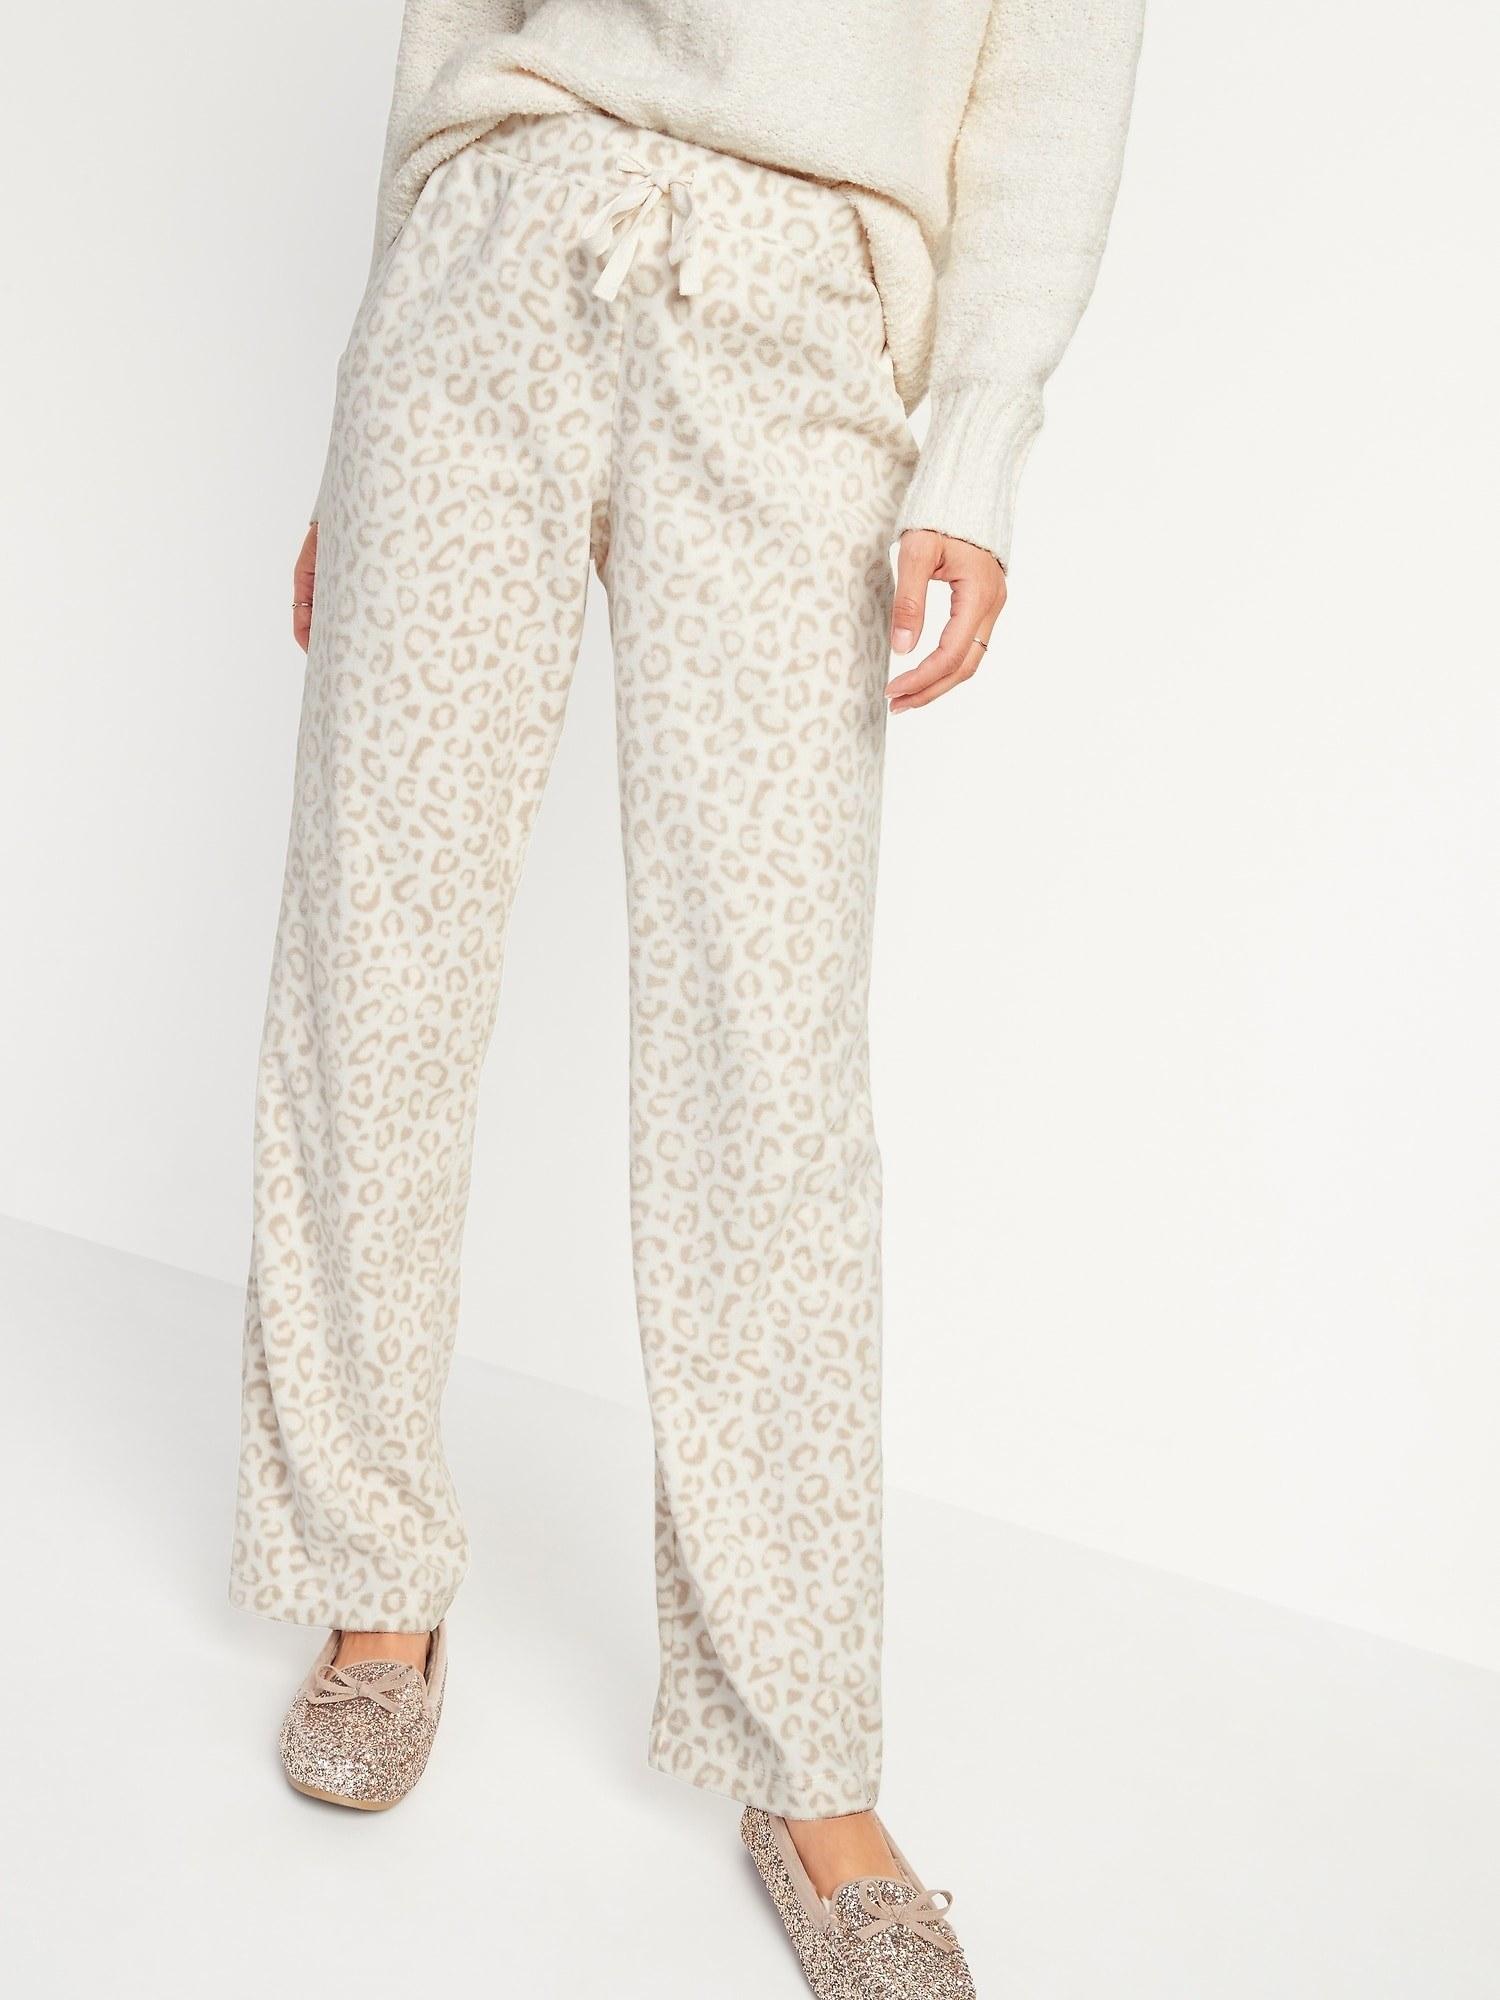 model wearing pajama pants in leopard